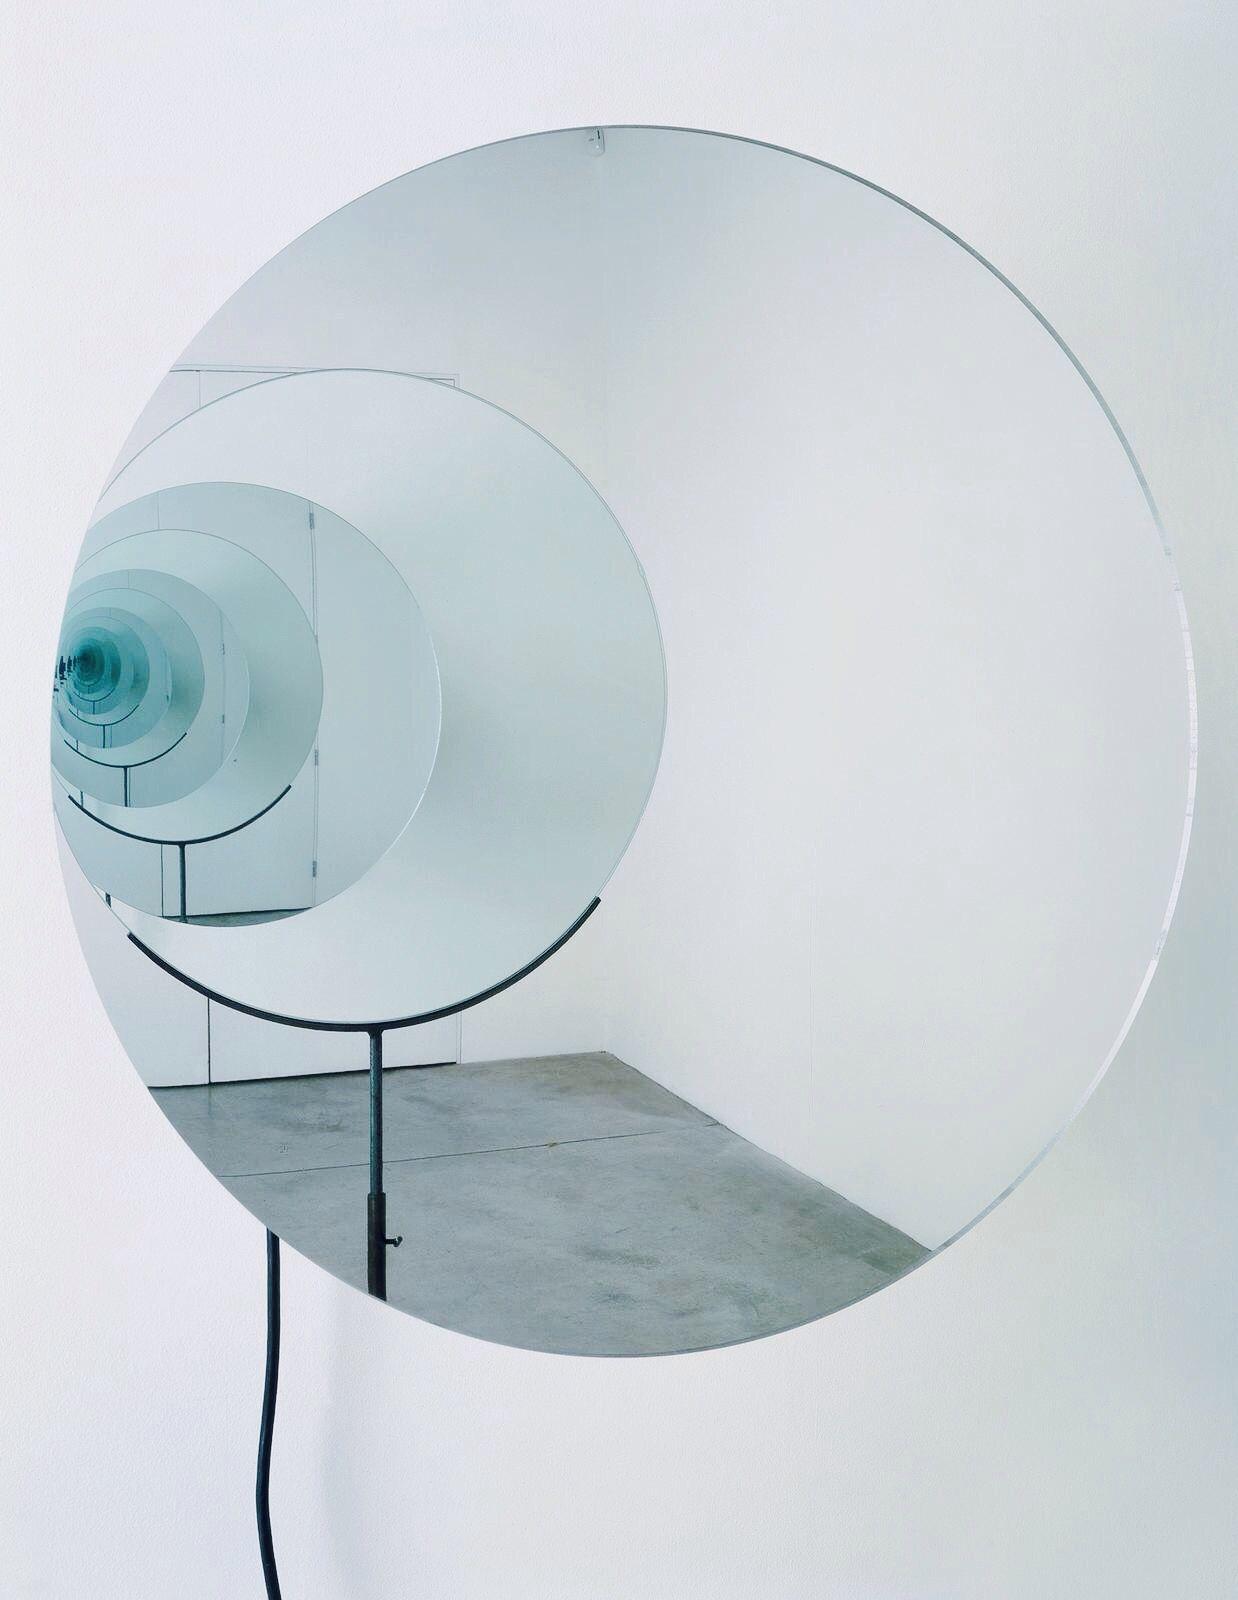 Olafur Eliasson circulo espejo arte escultura instalacion